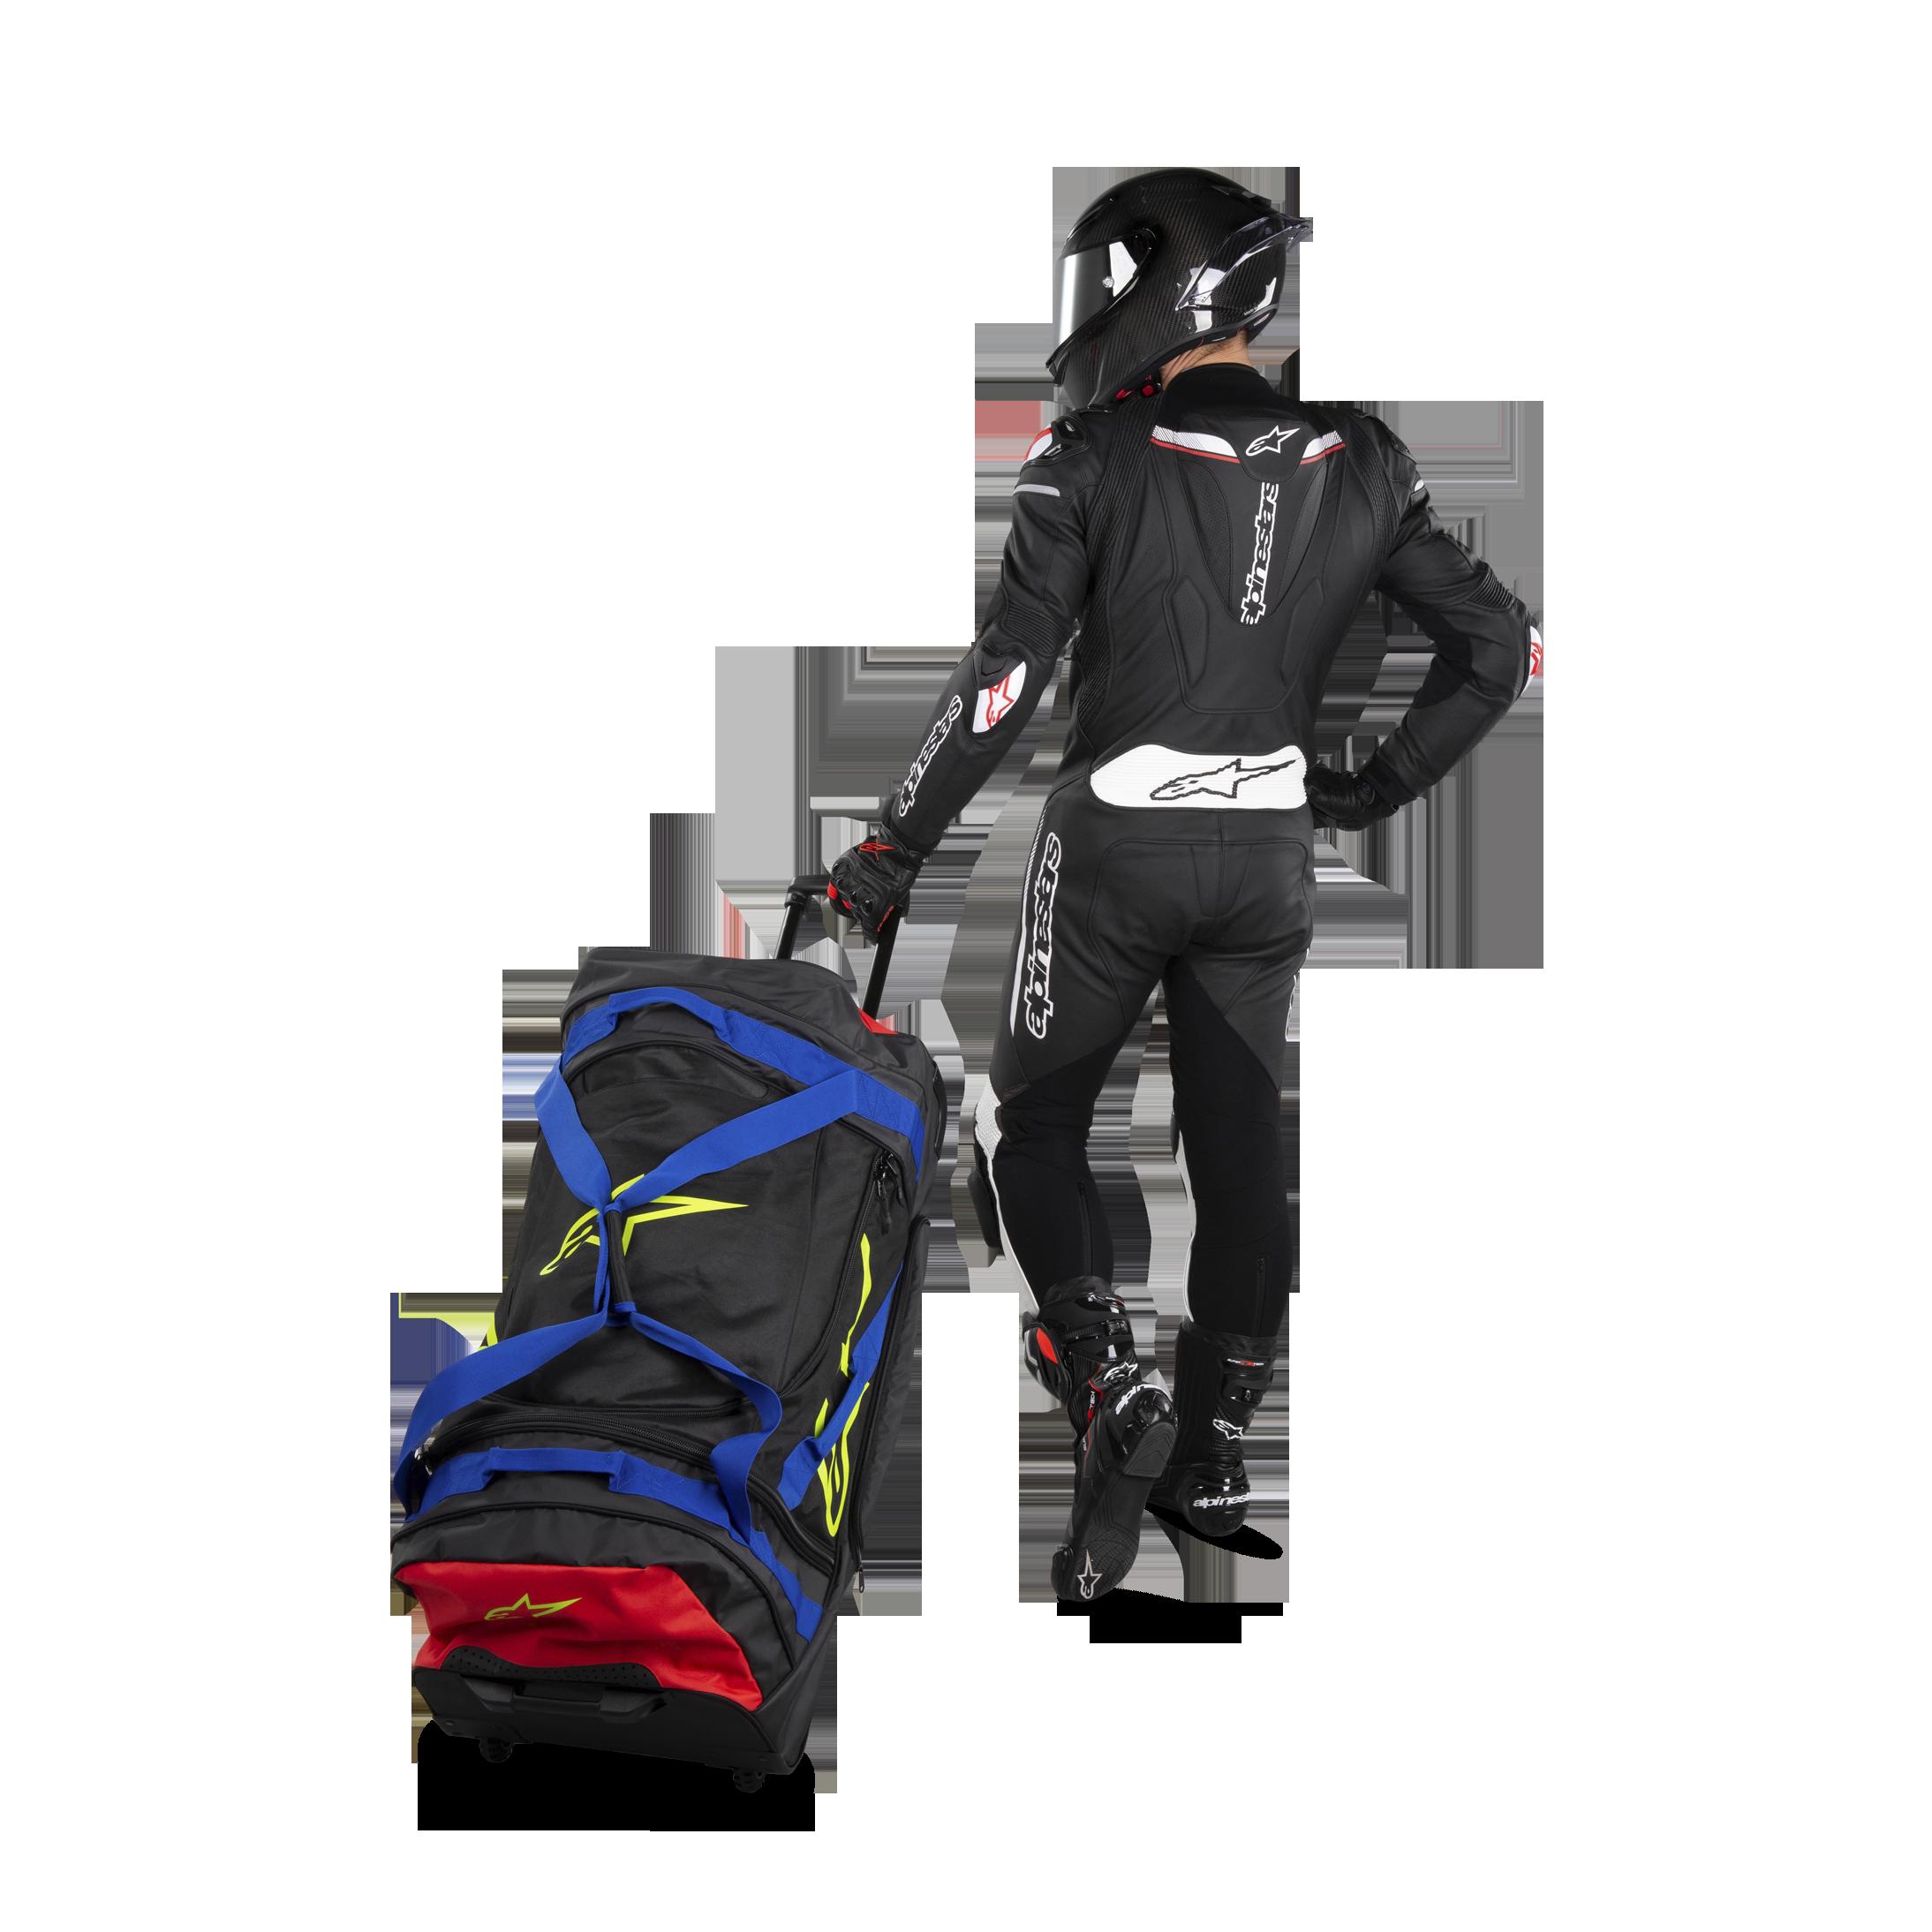 Reisetasche Alpinestars Komodo Travel Bag 150 L schwarz grau gelb fluo